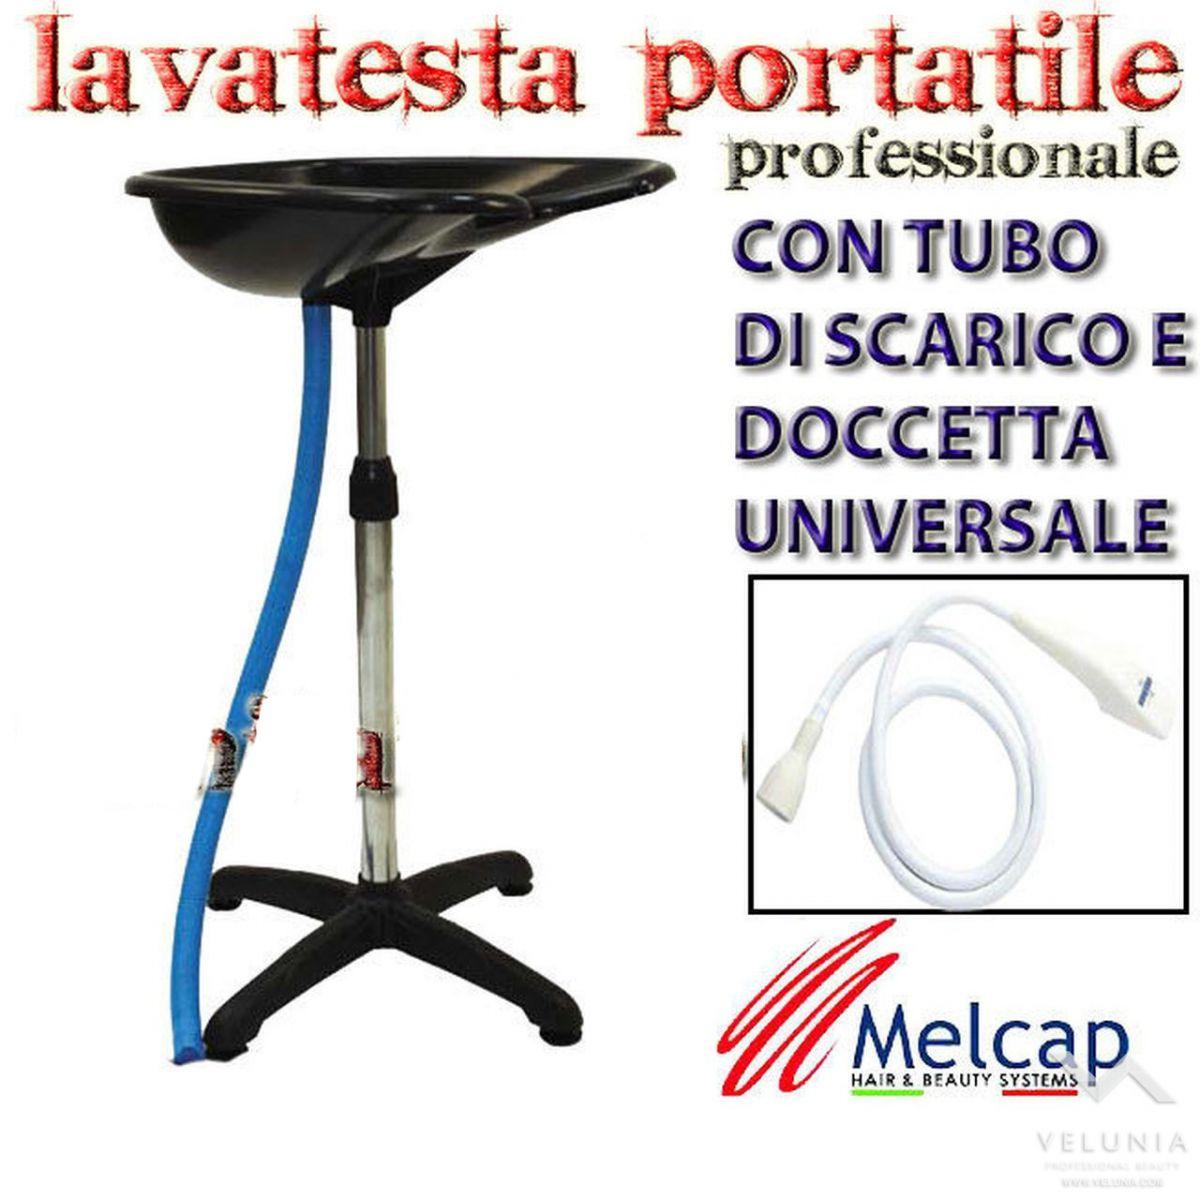 LAVATESTA PORTATILE PROFESSESSIONALE MELCAP CON TUBO DI SCARICO E DOCCETTA UNIVERSALE